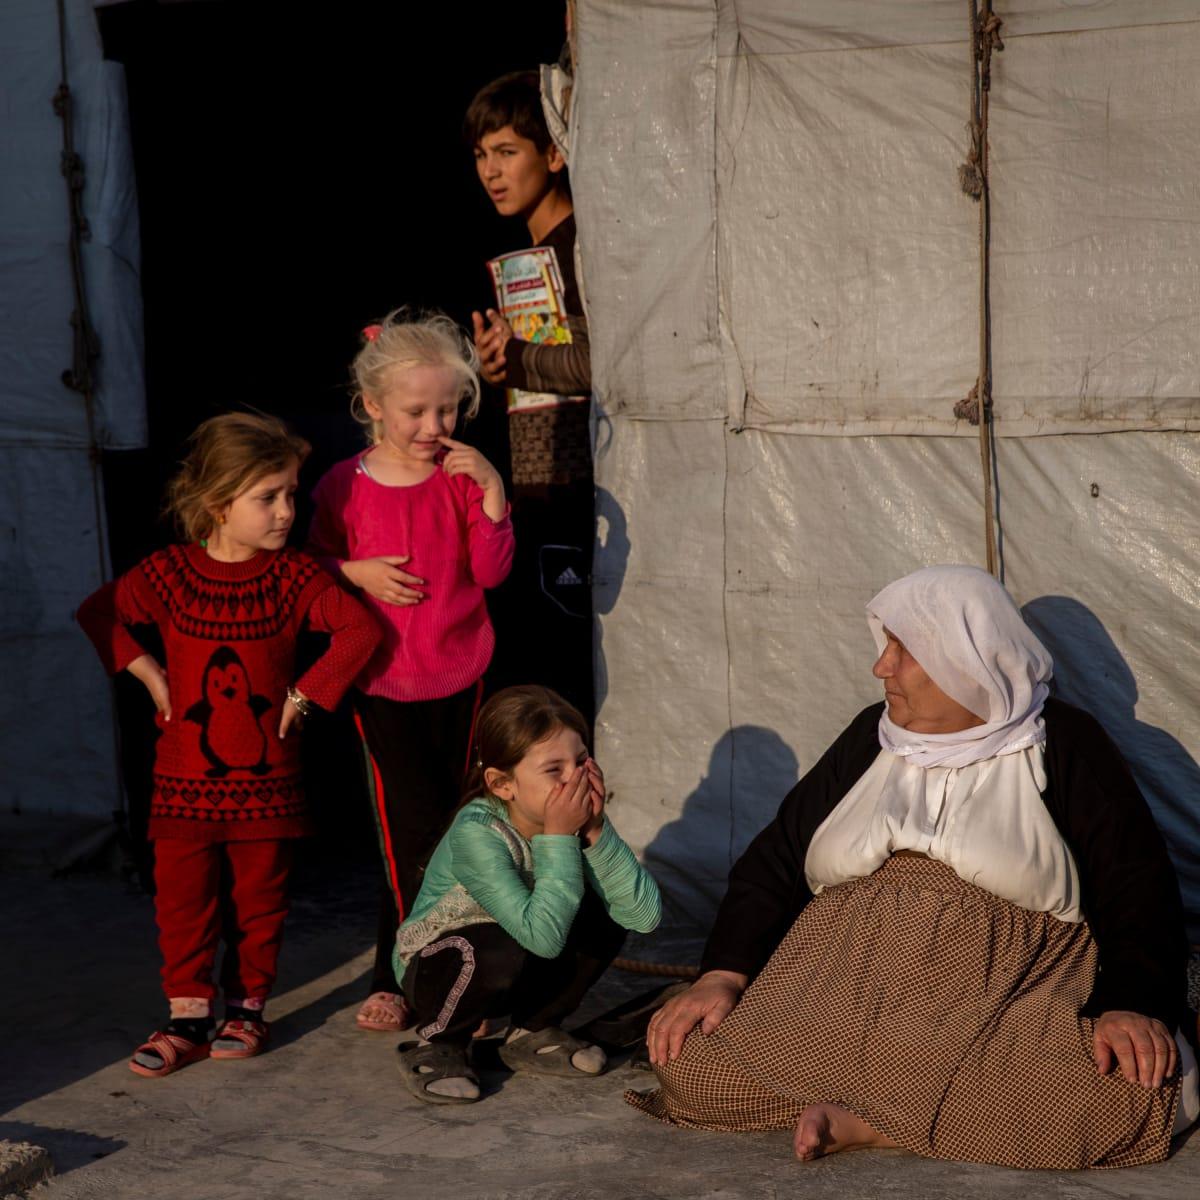 Ihmisiä pakolaisleirissä.